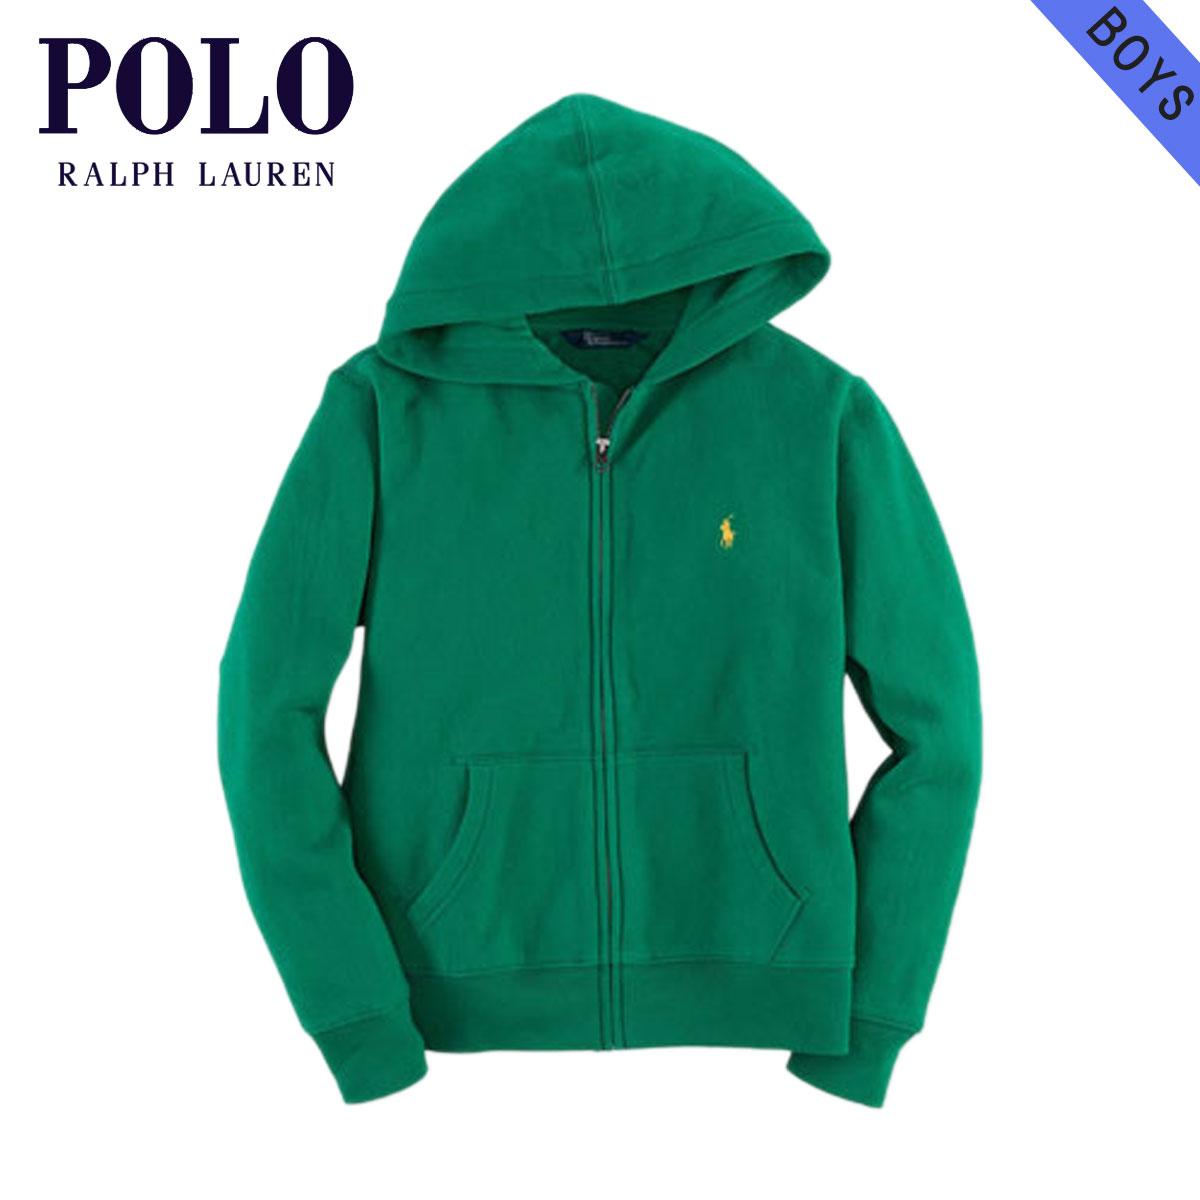 e9fbb4502 Polo Ralph Lauren kids POLO RALPH LAUREN CHILDREN regular article  children s clothes Boys parka Full Zip ...